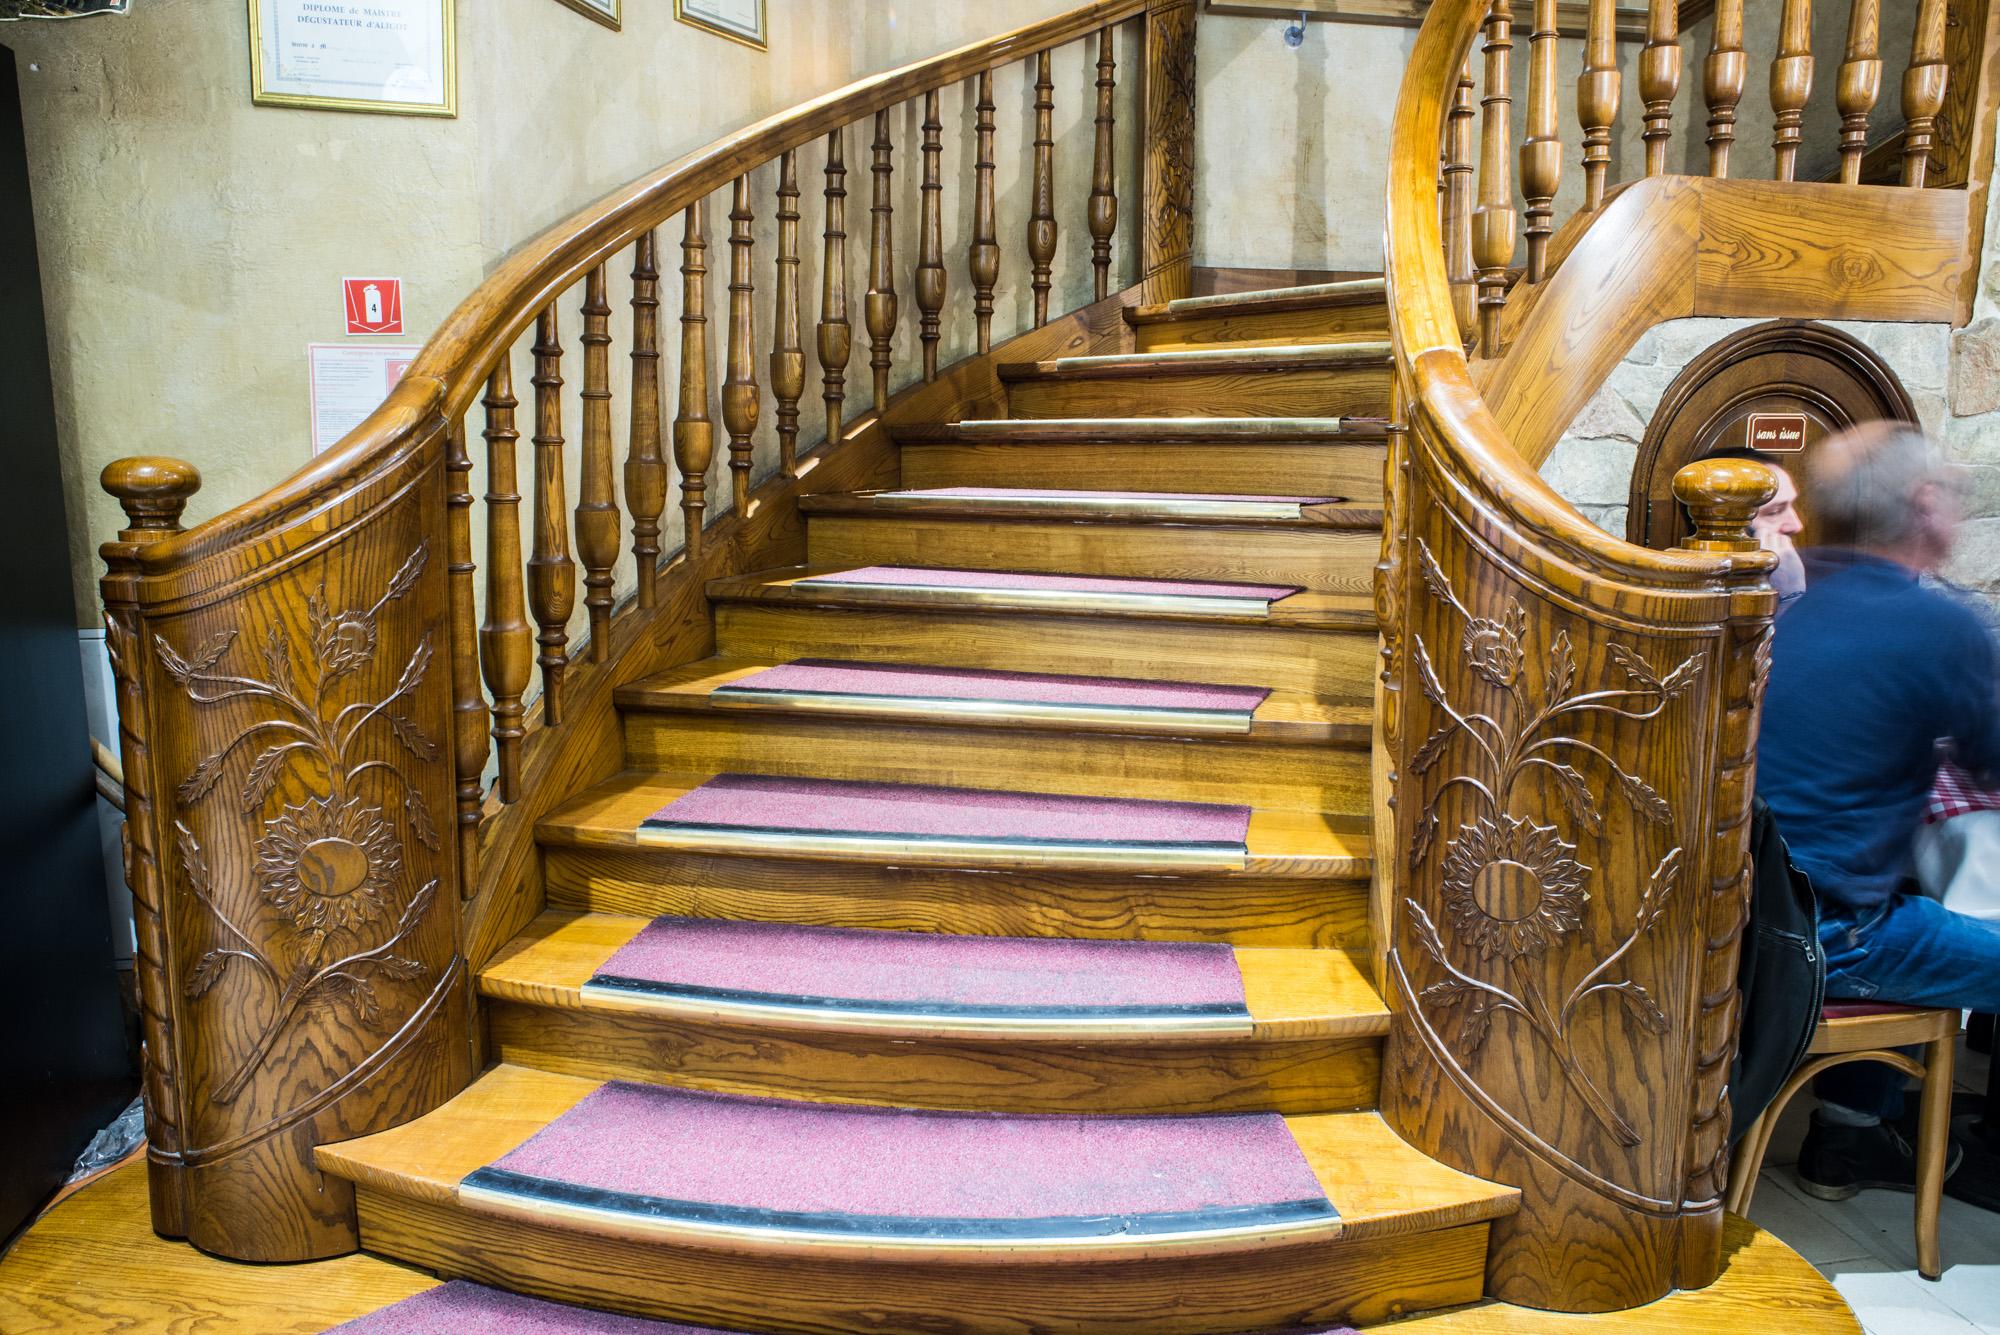 Escalier Auberge Aveyronnaise Paris 12